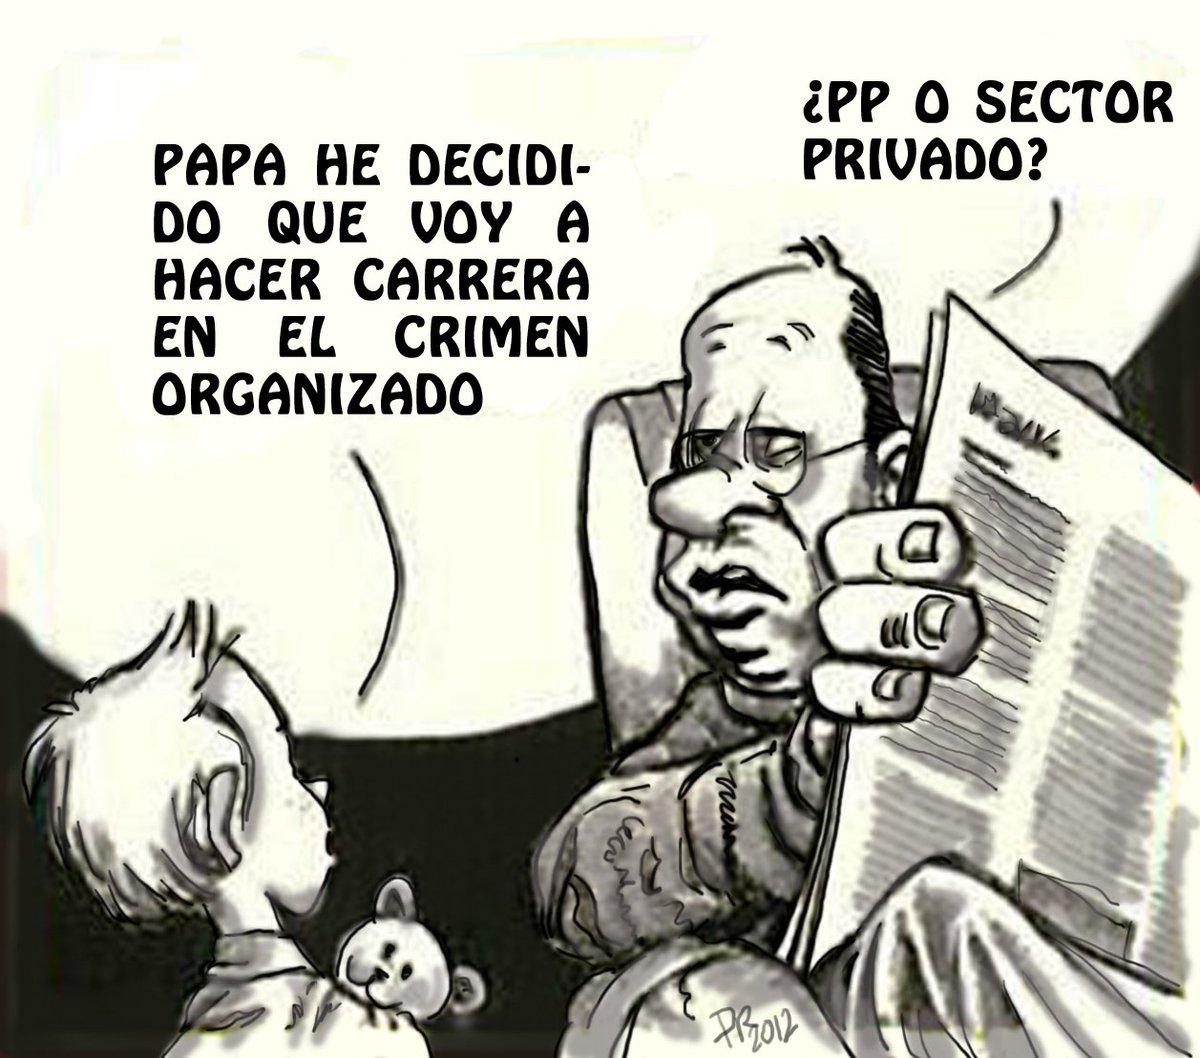 Humor en la política - Página 12 C-MSAs-XgAA2qCj